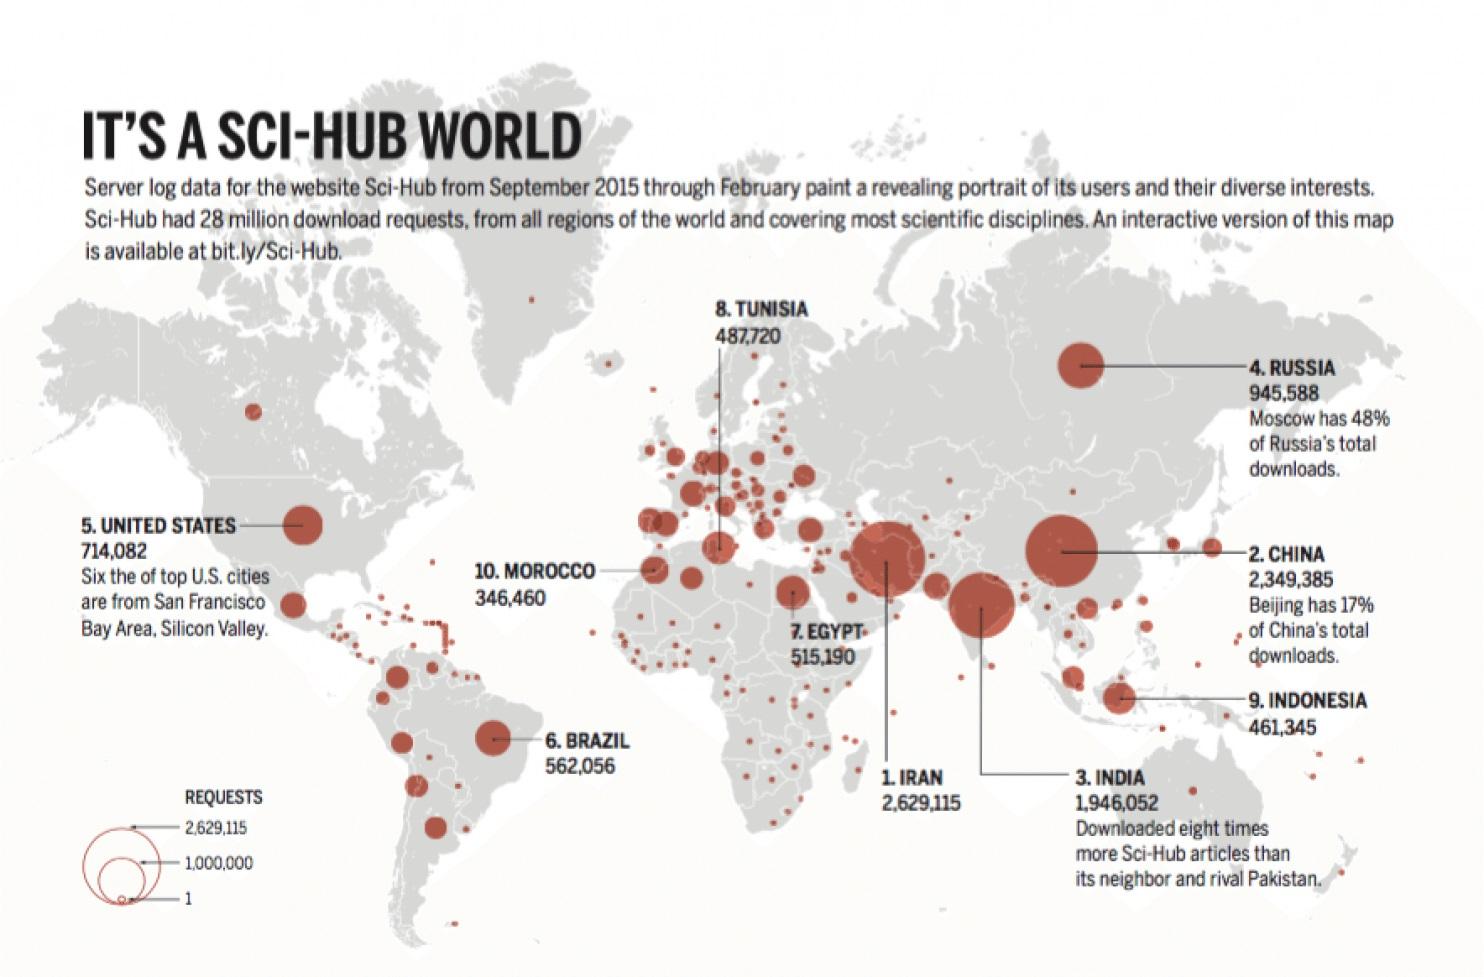 ایران رکورد دار دسترسی غیر قانونی و سرقت مقالات علمی در دنیا / توقیف وب سایت «رابین هود علمی»